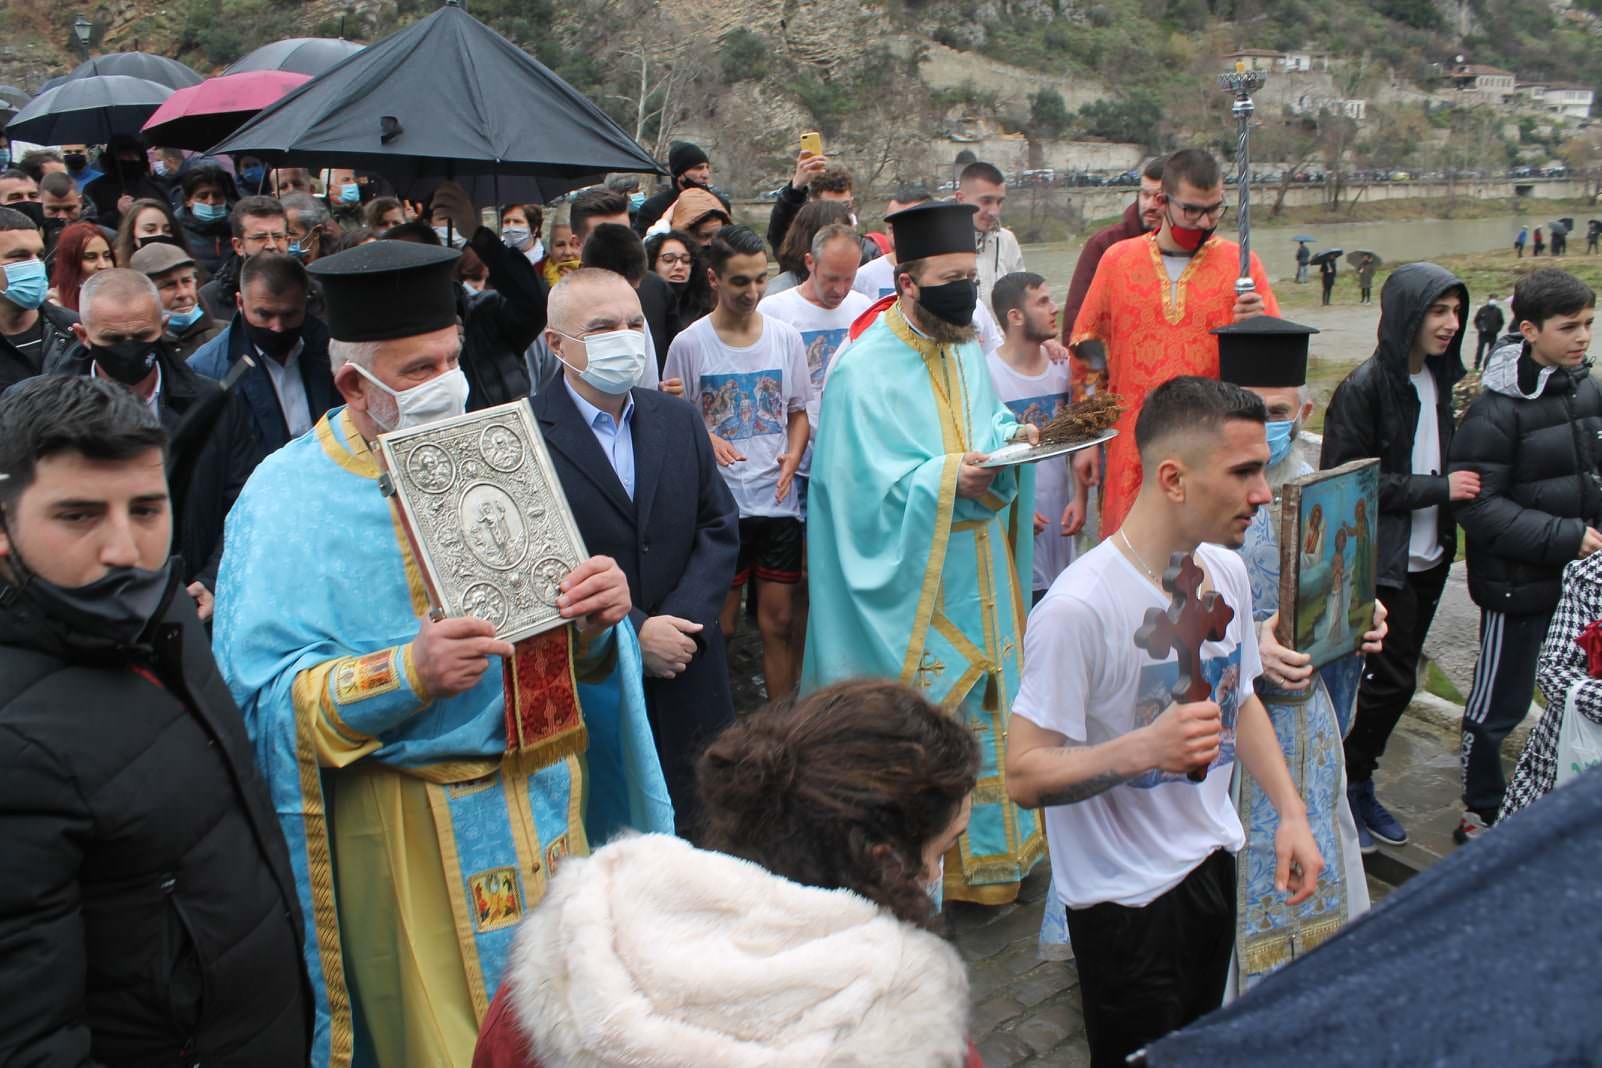 Κατάδυση του Τιμίου Σταυρού στο Μπεράτι Αλβανίας 2021